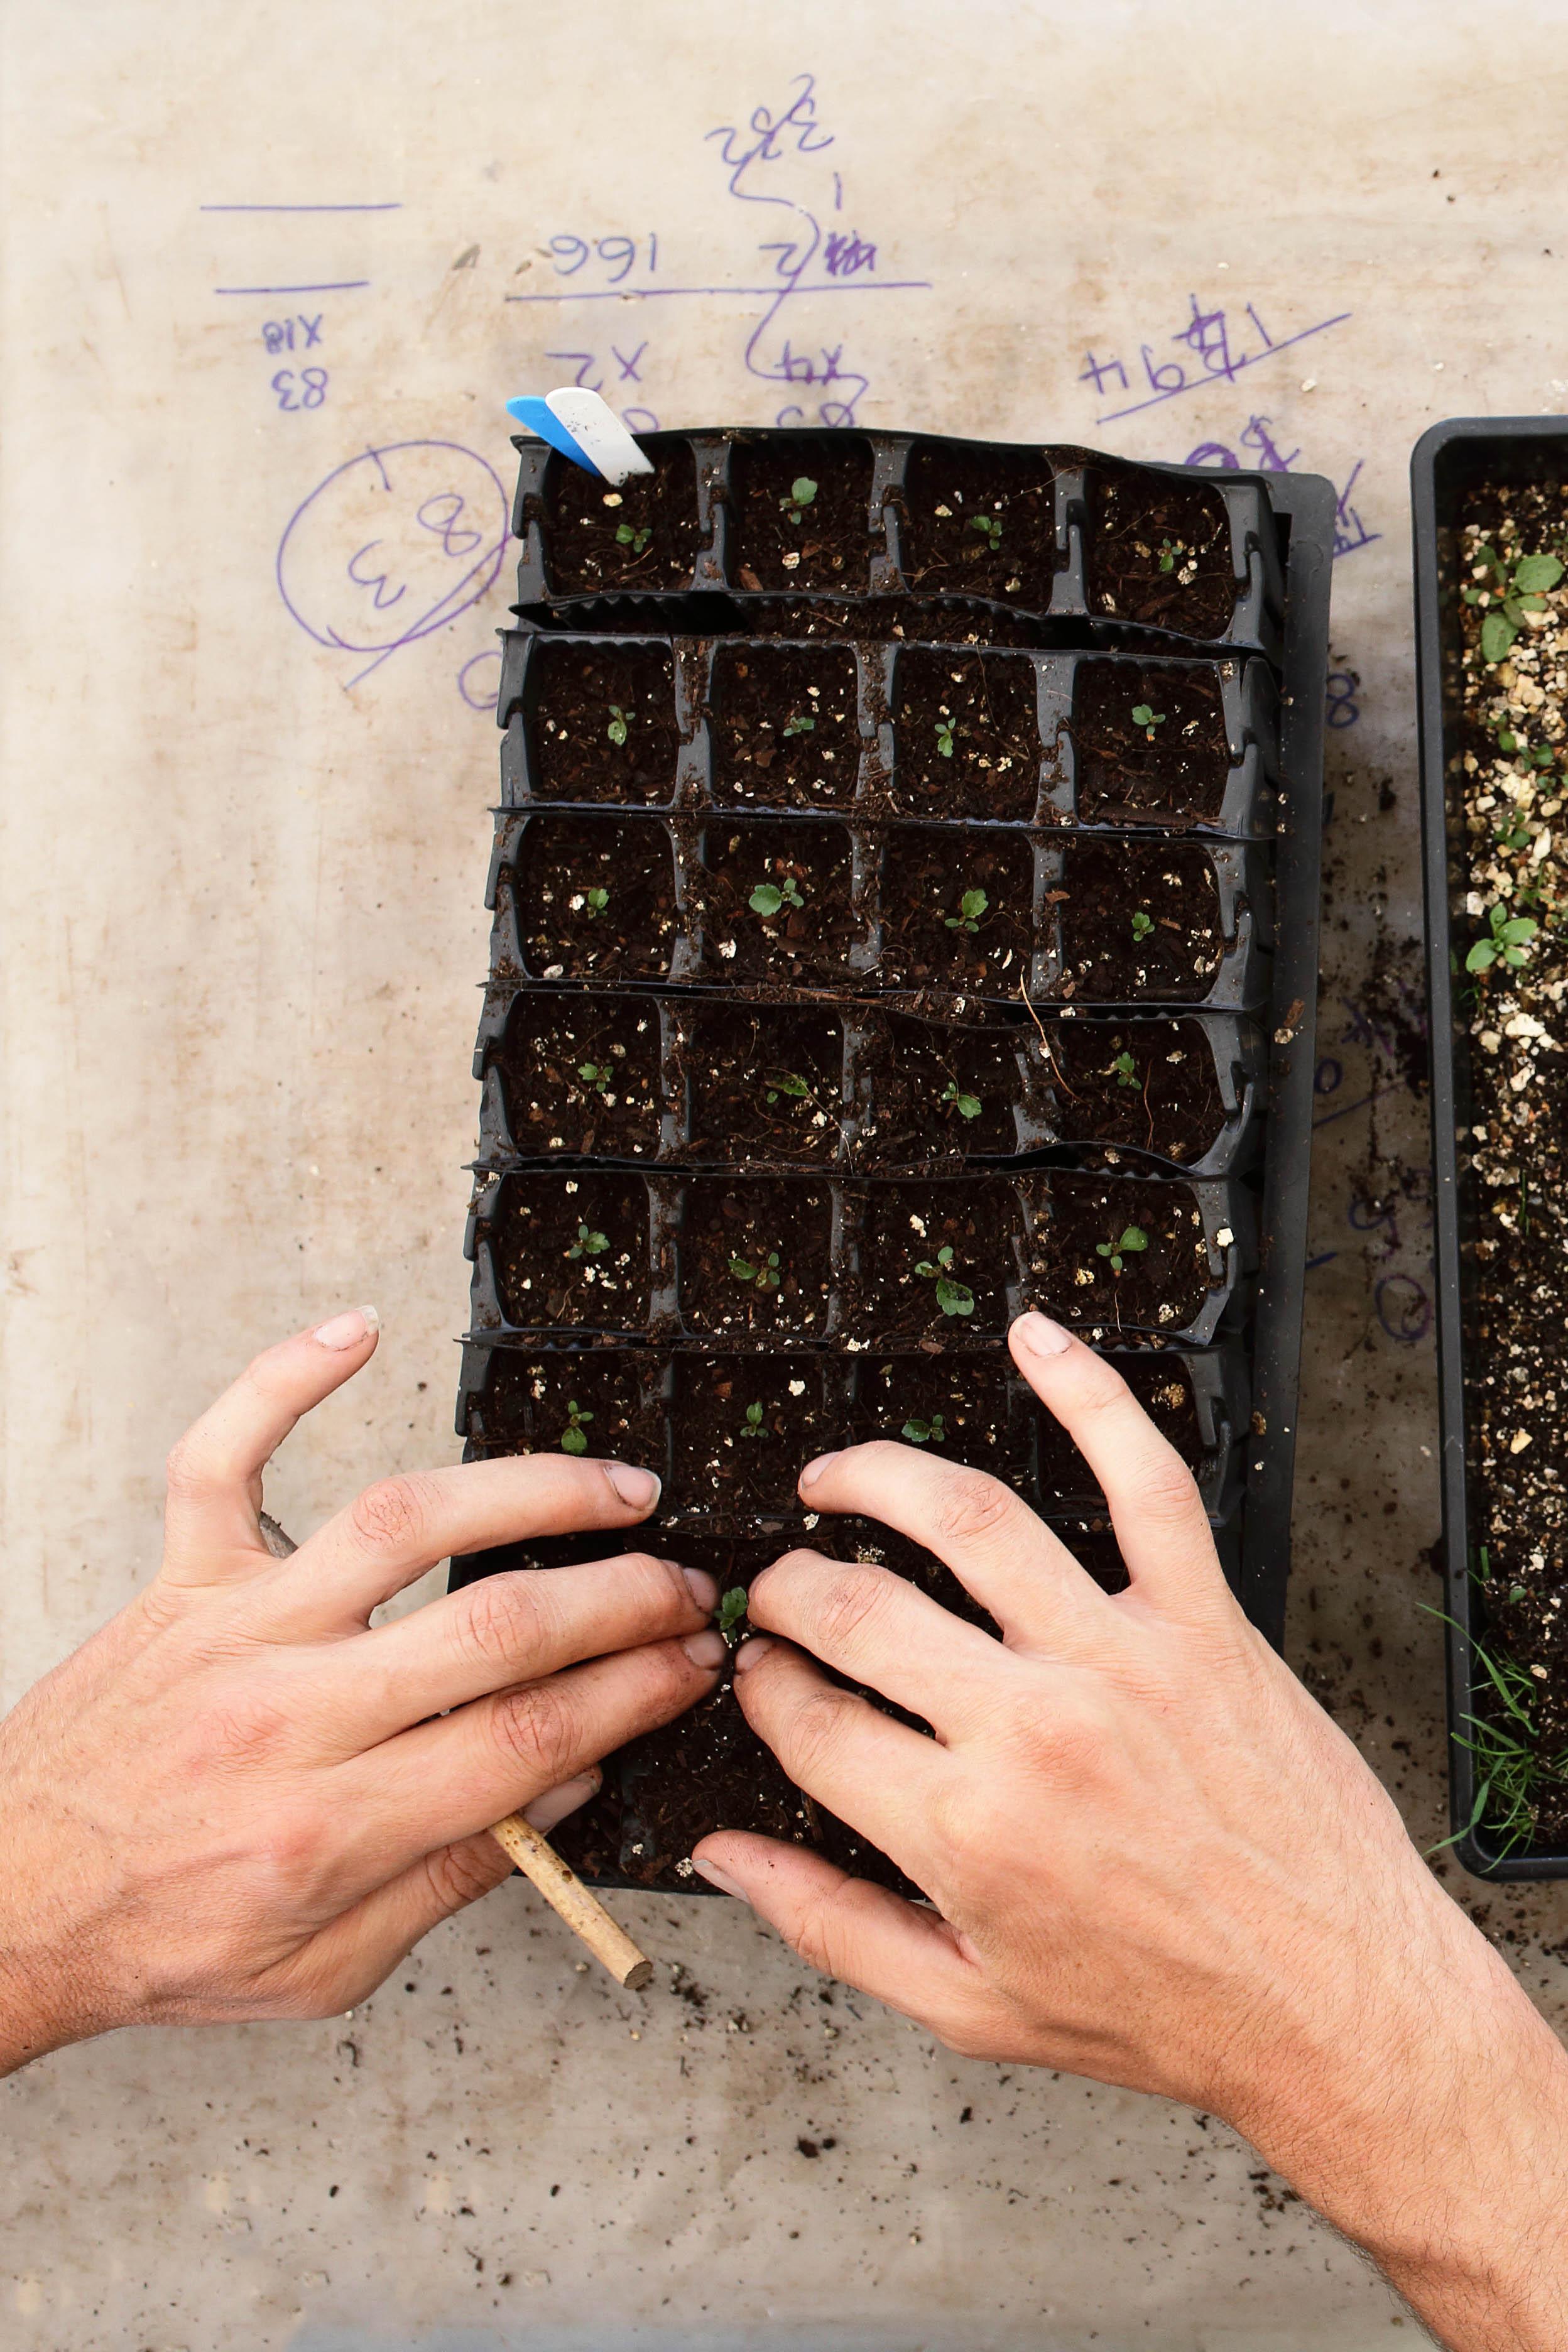 Grid One - Picking Out Seedlings.jpg